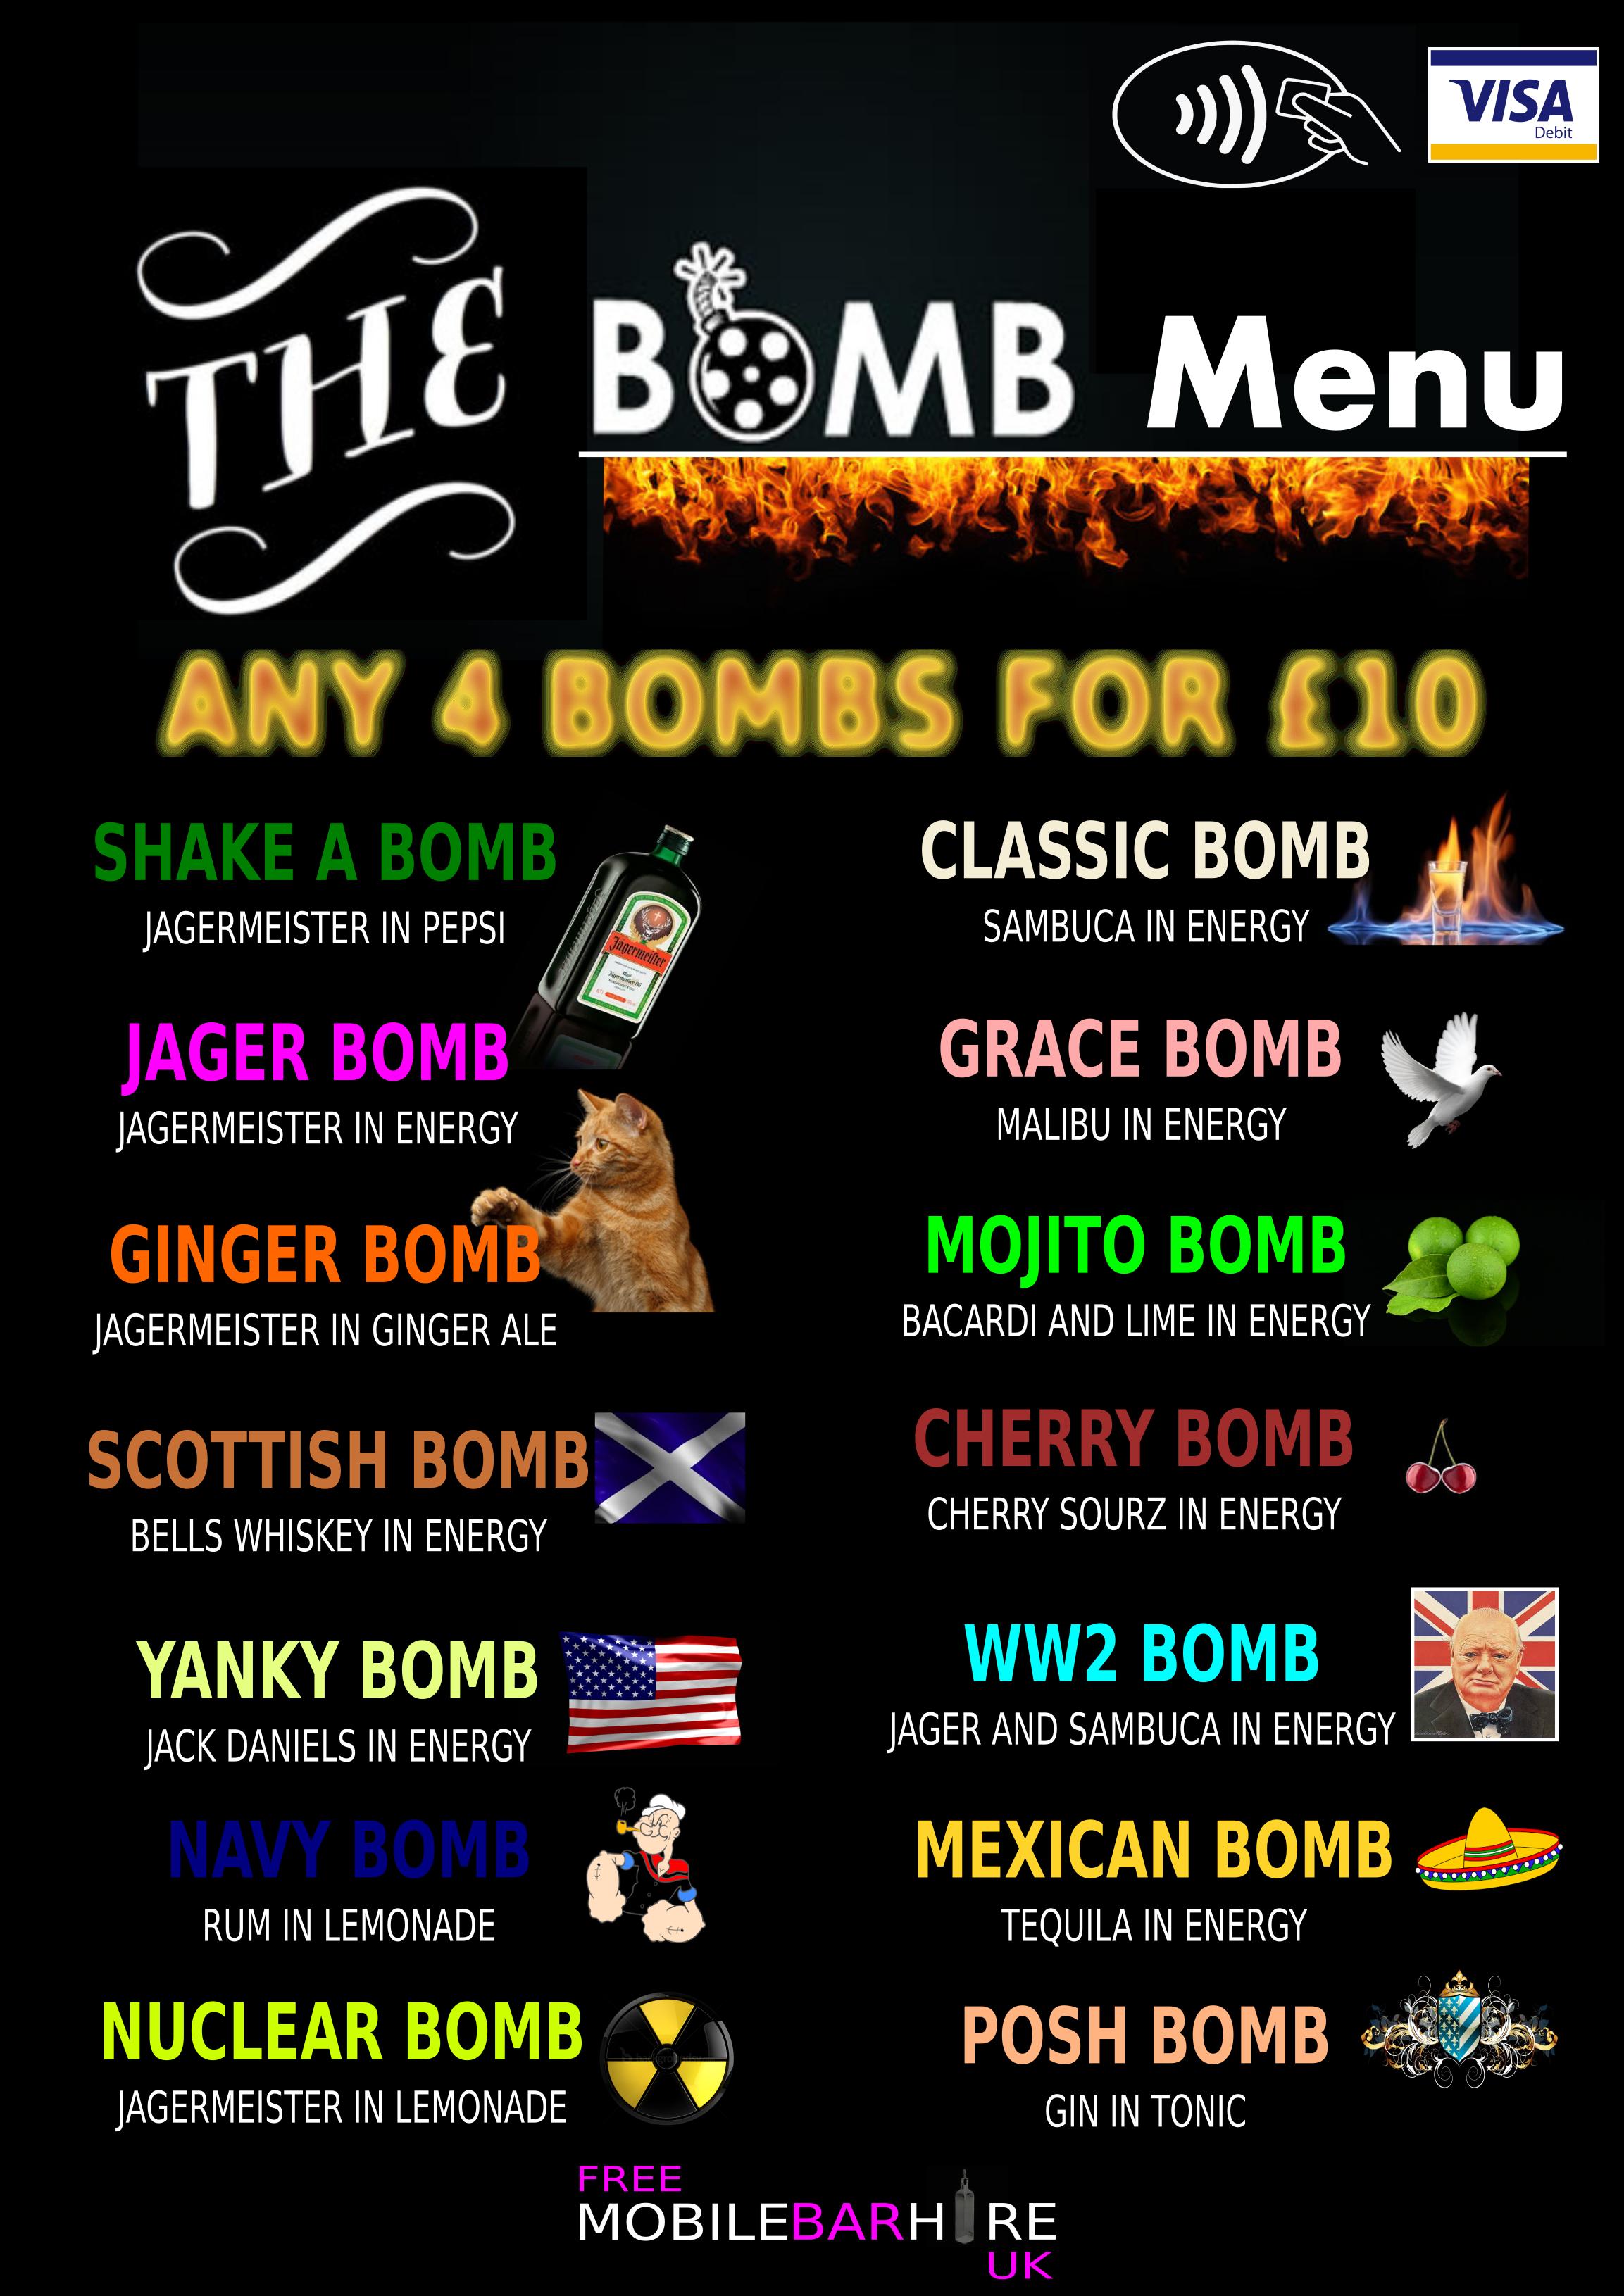 2017 Bomb menu